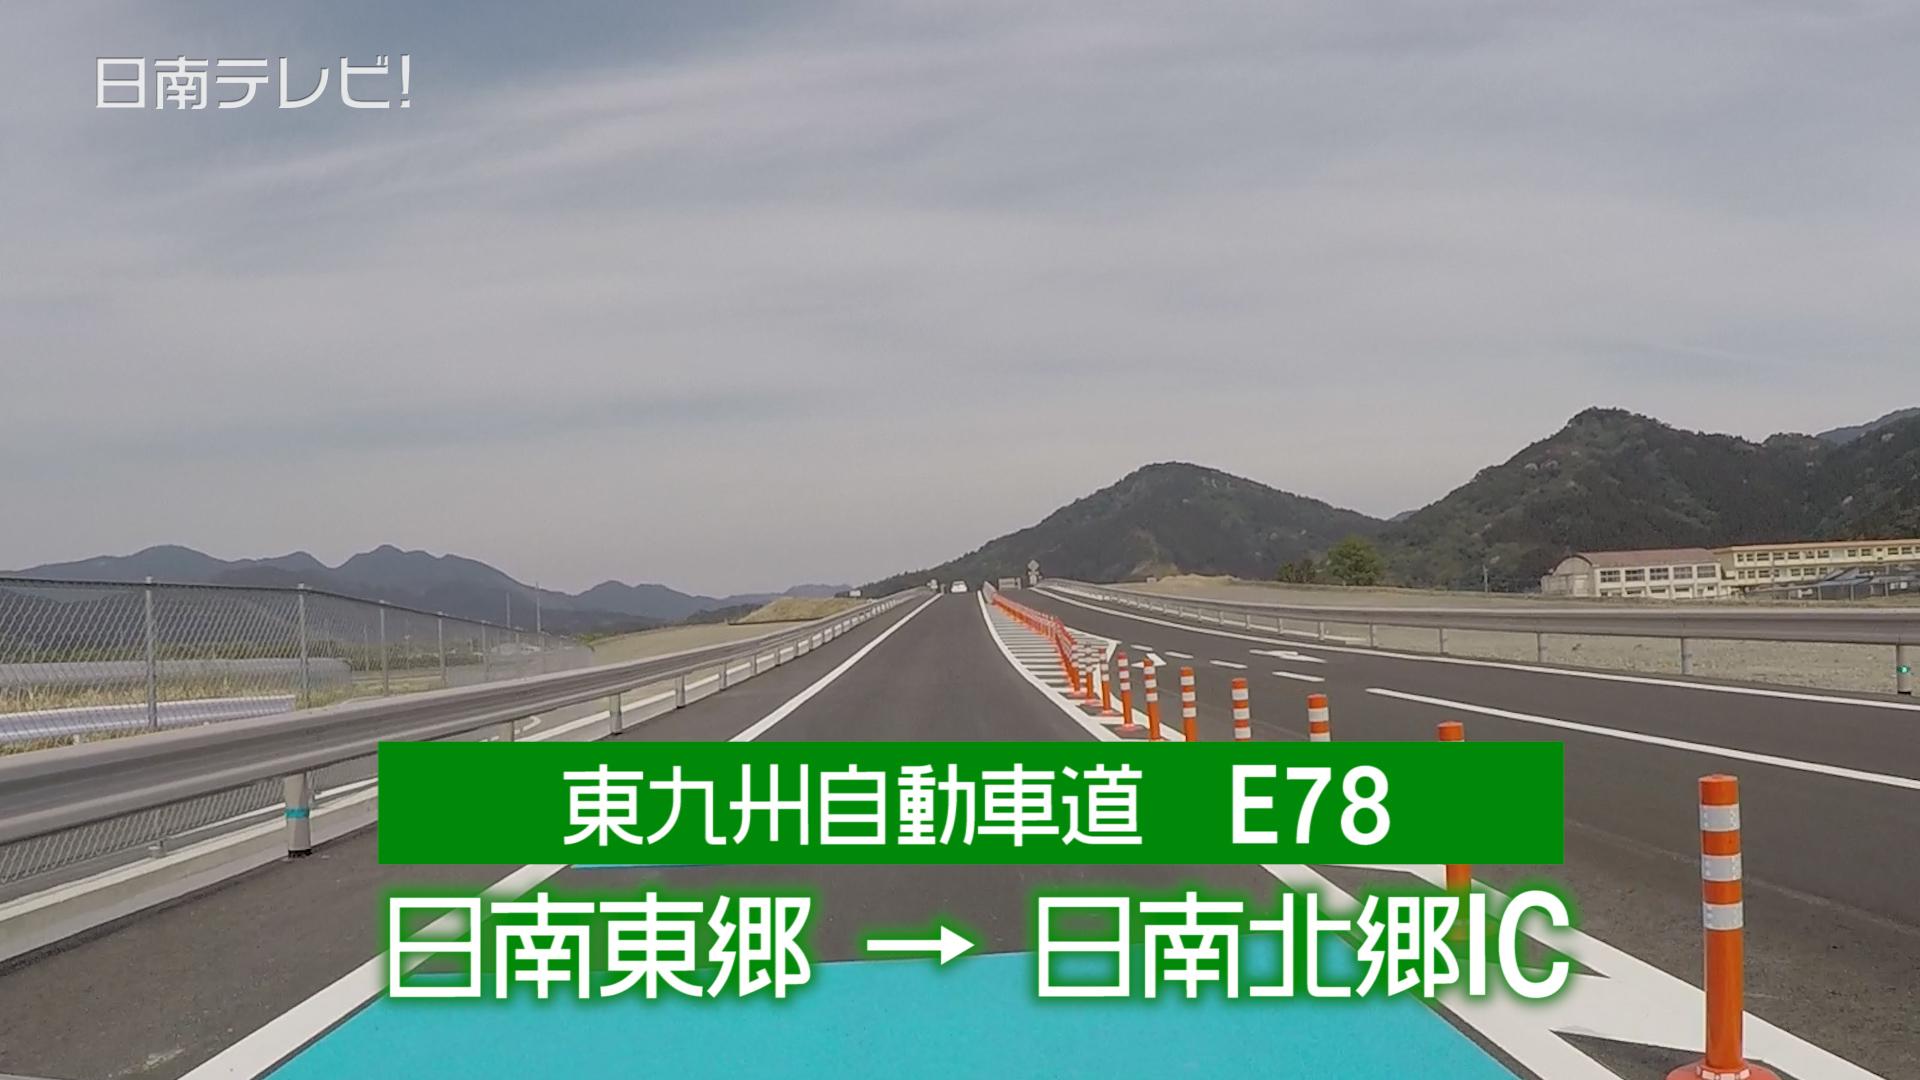 東九州自動車道 日南東郷IC→日南北郷IC ノーカット